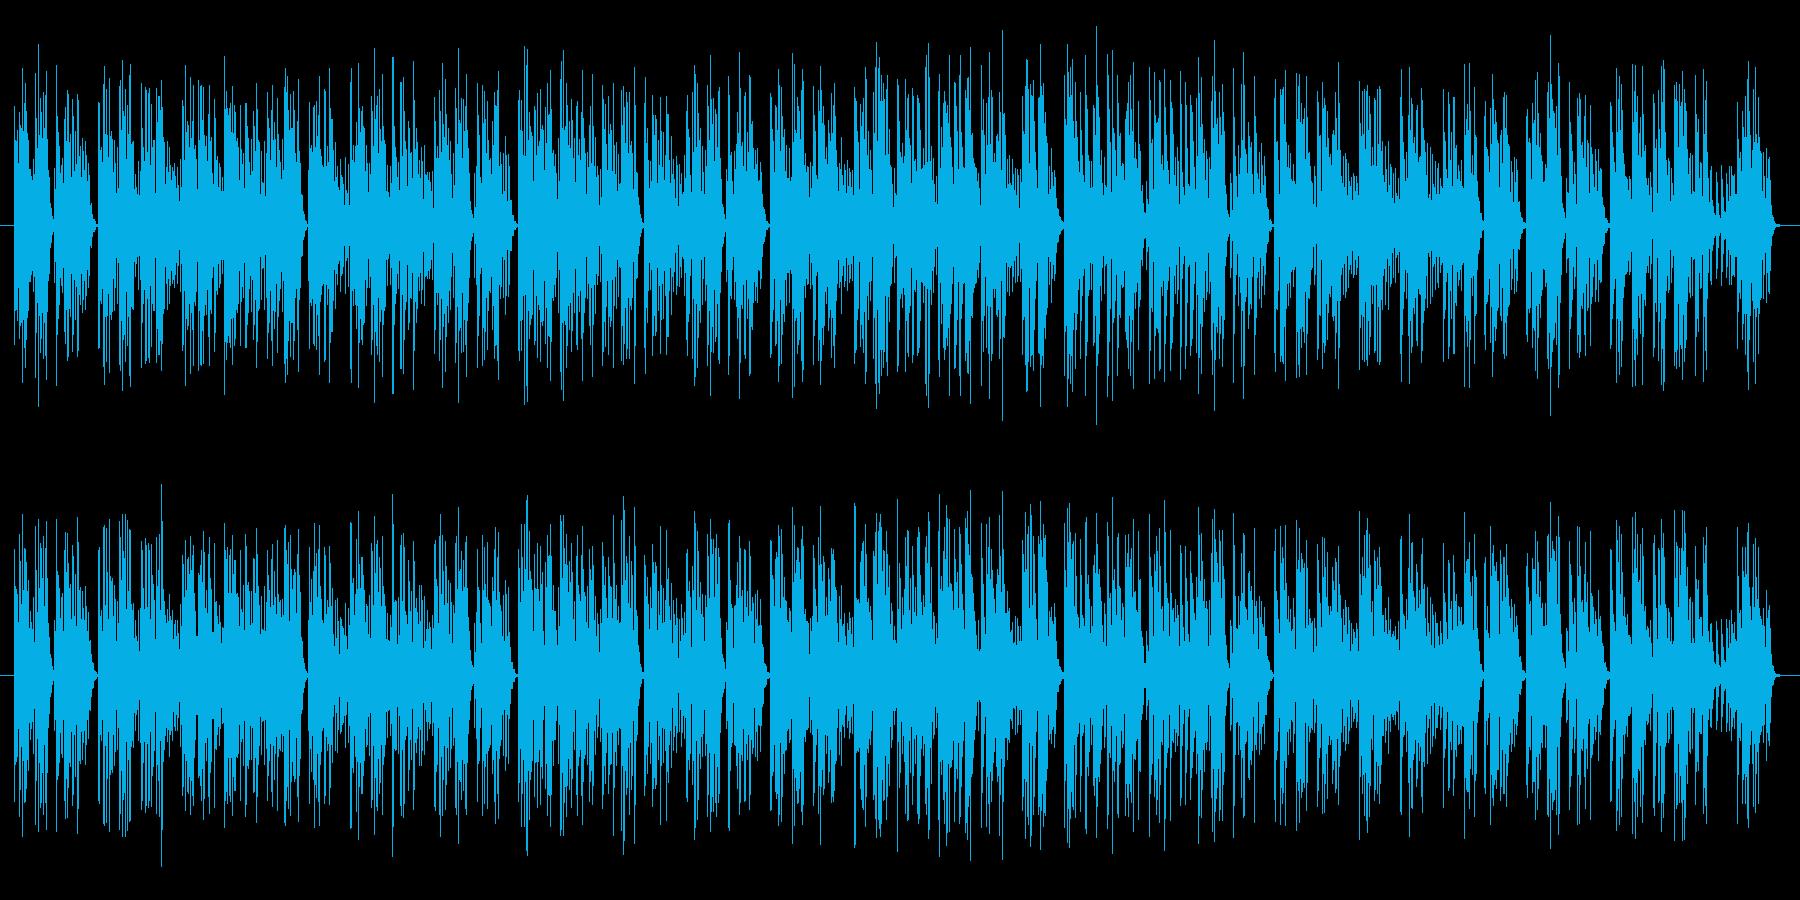 のんびりとしたオルゴール調の楽曲です。…の再生済みの波形